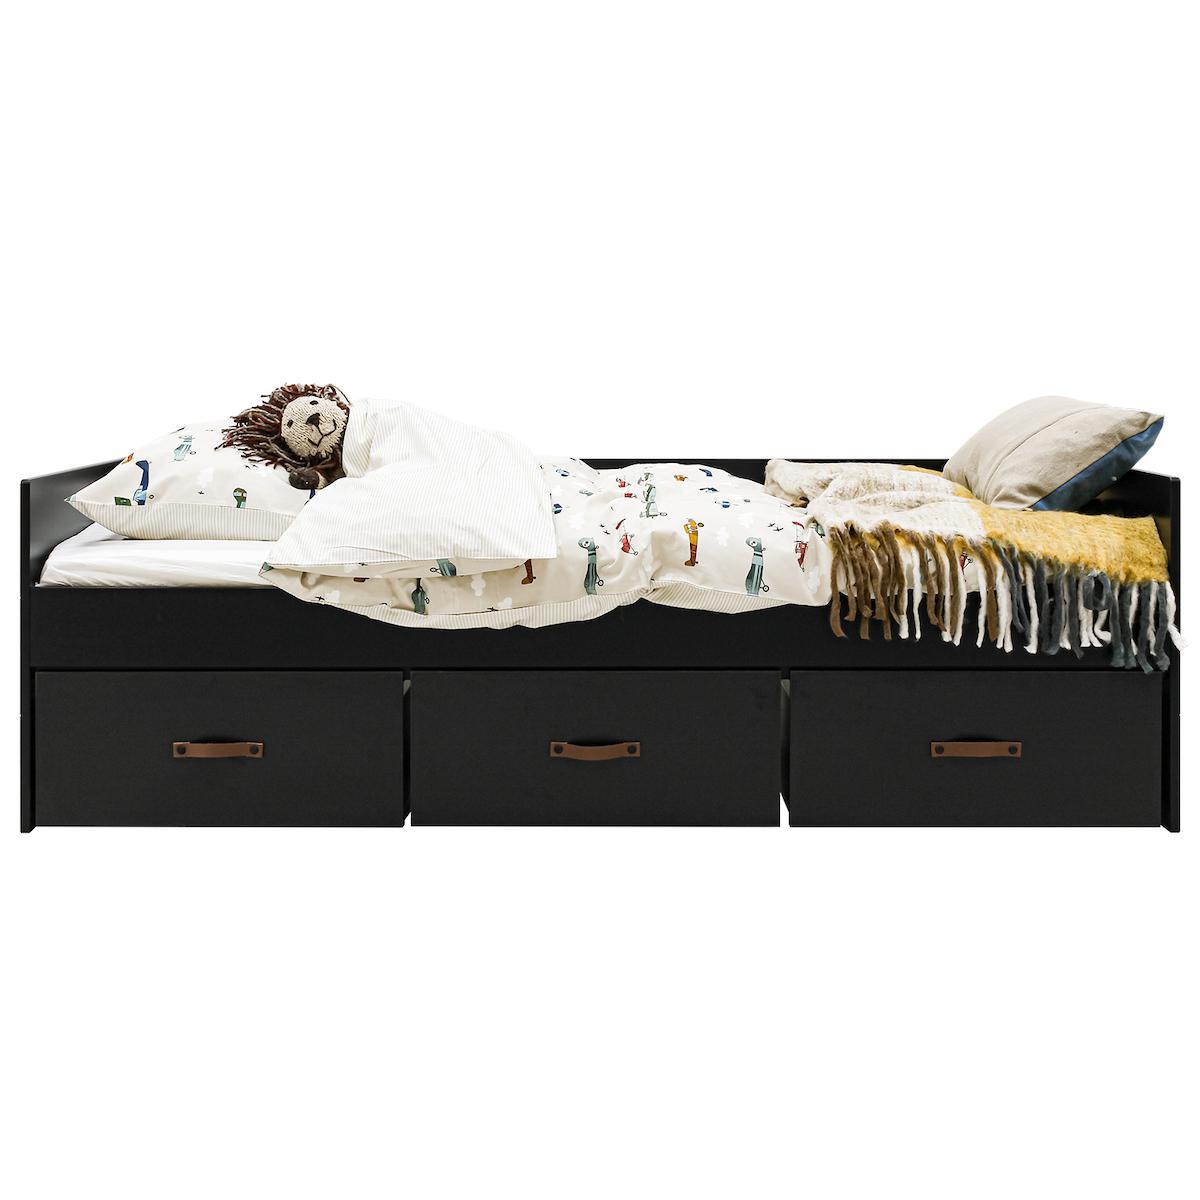 Lit banquette 90x200cm 3 tiroirs FLORIS Bopita Noire Mat-Naturel